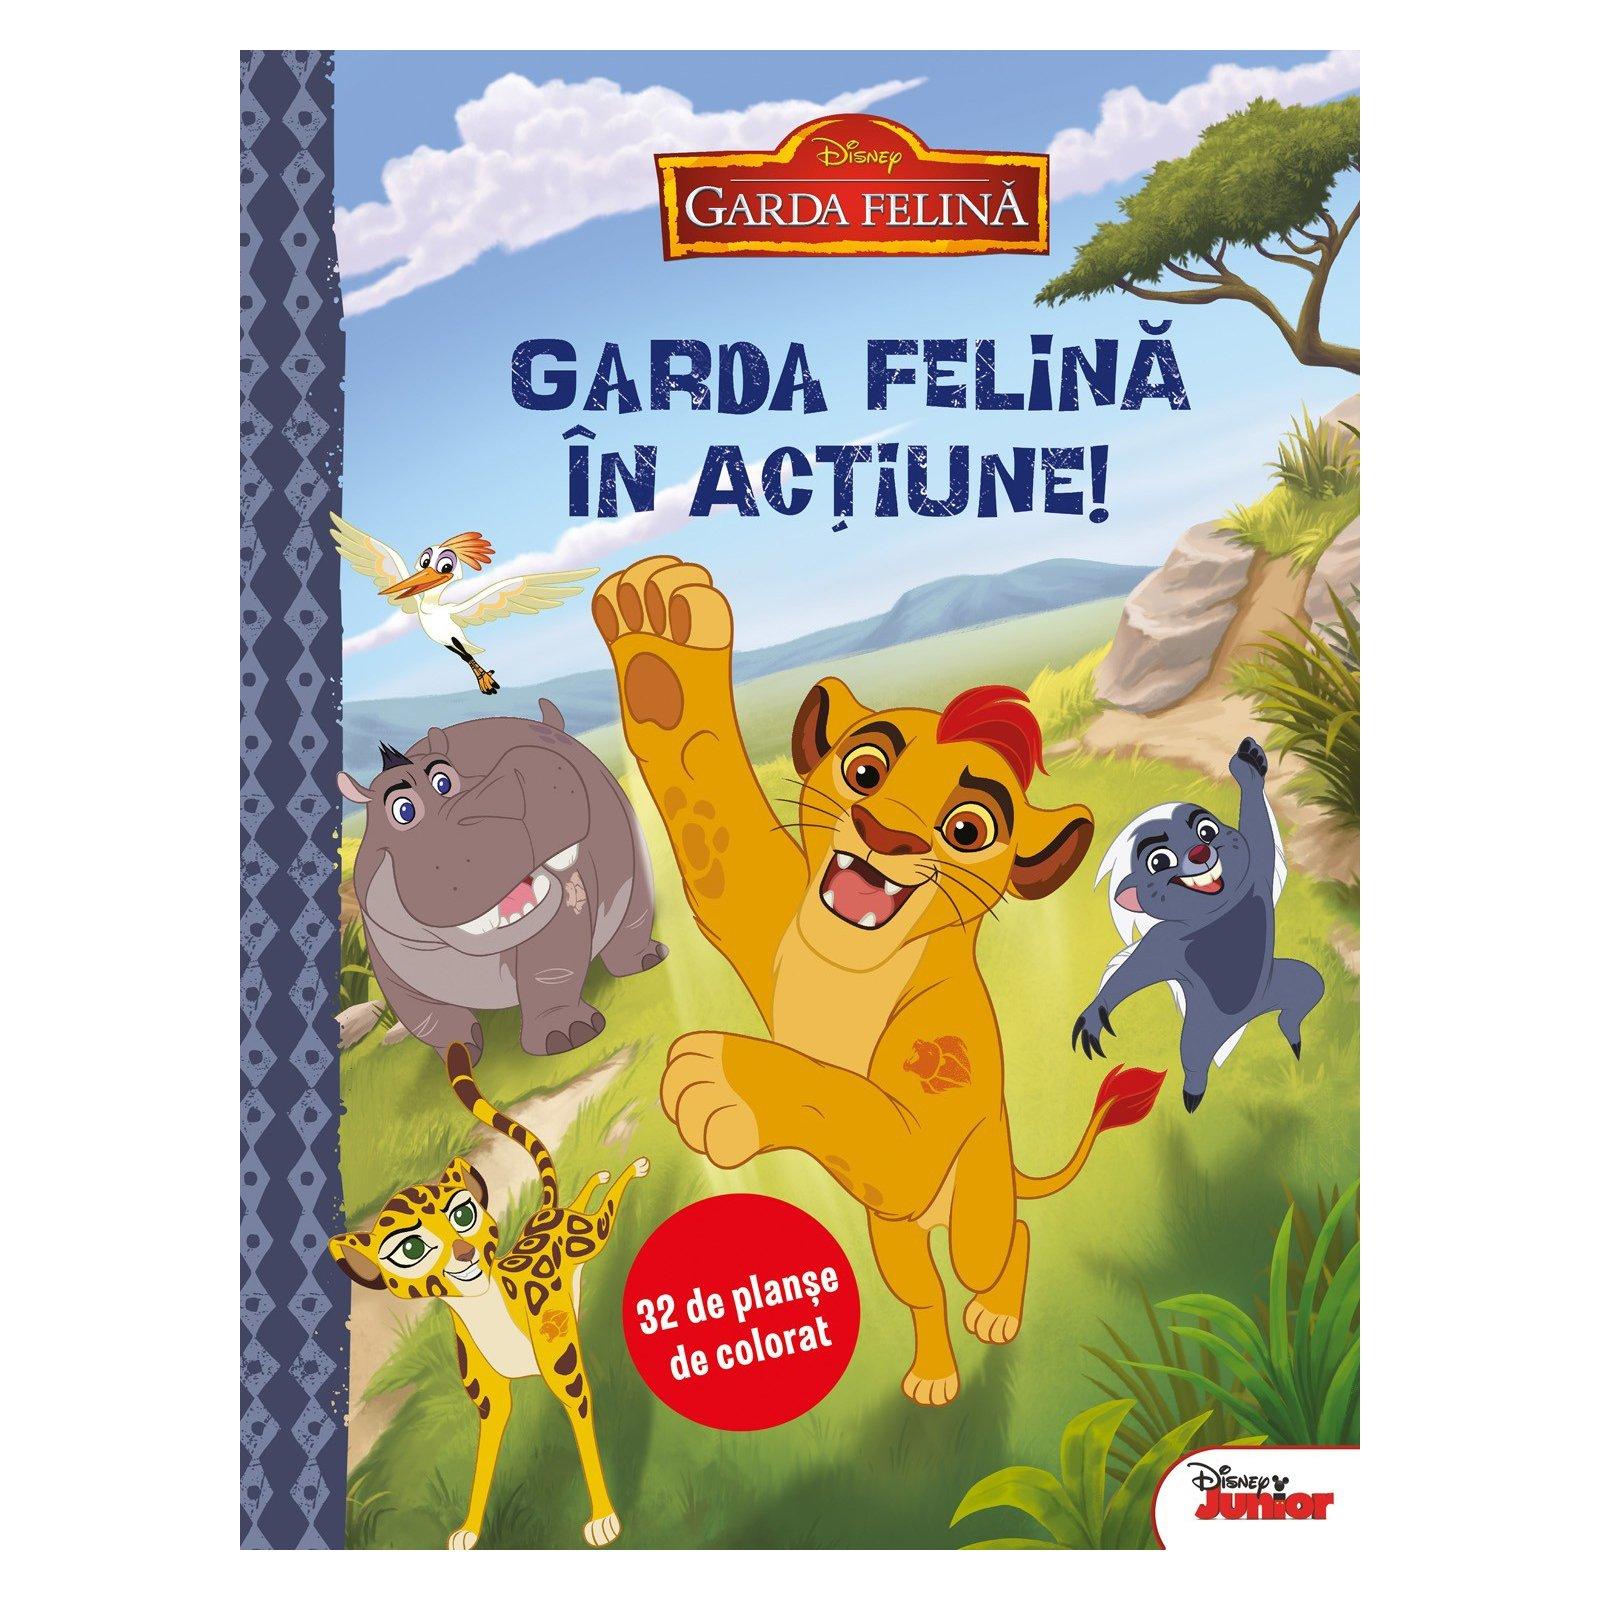 Disney - Garda felina in actiune (32 planse de colorat)